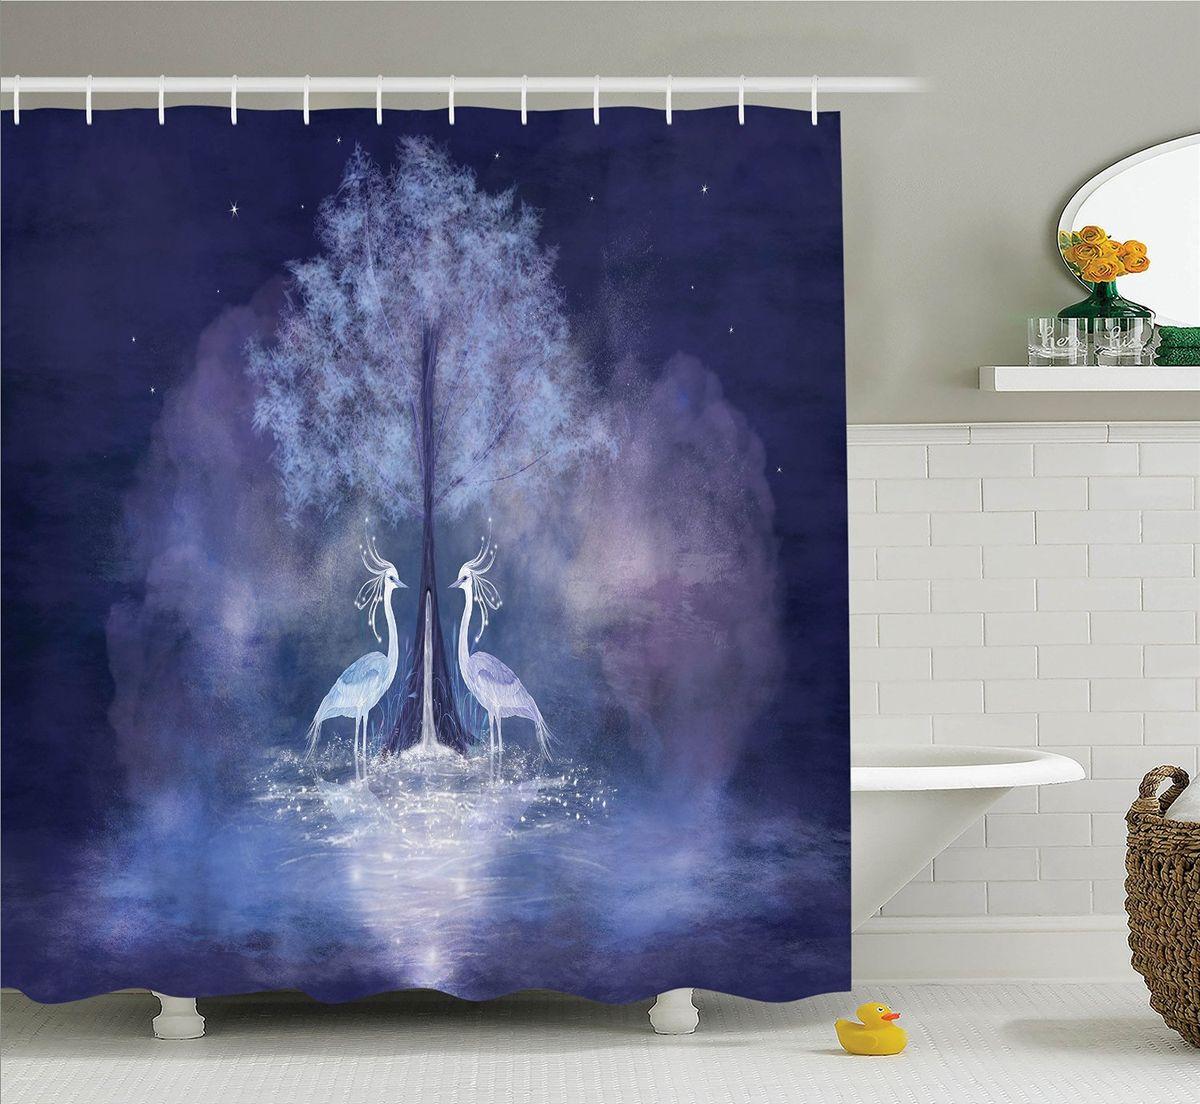 Штора для ванной комнаты Magic Lady Волшебные птицы, 180 х 200 смшв_15822Штора Magic Lady Волшебные птицы, изготовленная из высококачественного сатена (полиэстер 100%), отлично дополнит любой интерьер ванной комнаты. При изготовлении используются специальные гипоаллергенные чернила для прямой печати по ткани, безопасные для человека.В комплекте: 1 штора, 12 крючков. Обращаем ваше внимание, фактический цвет изделия может незначительно отличаться от представленного на фото.